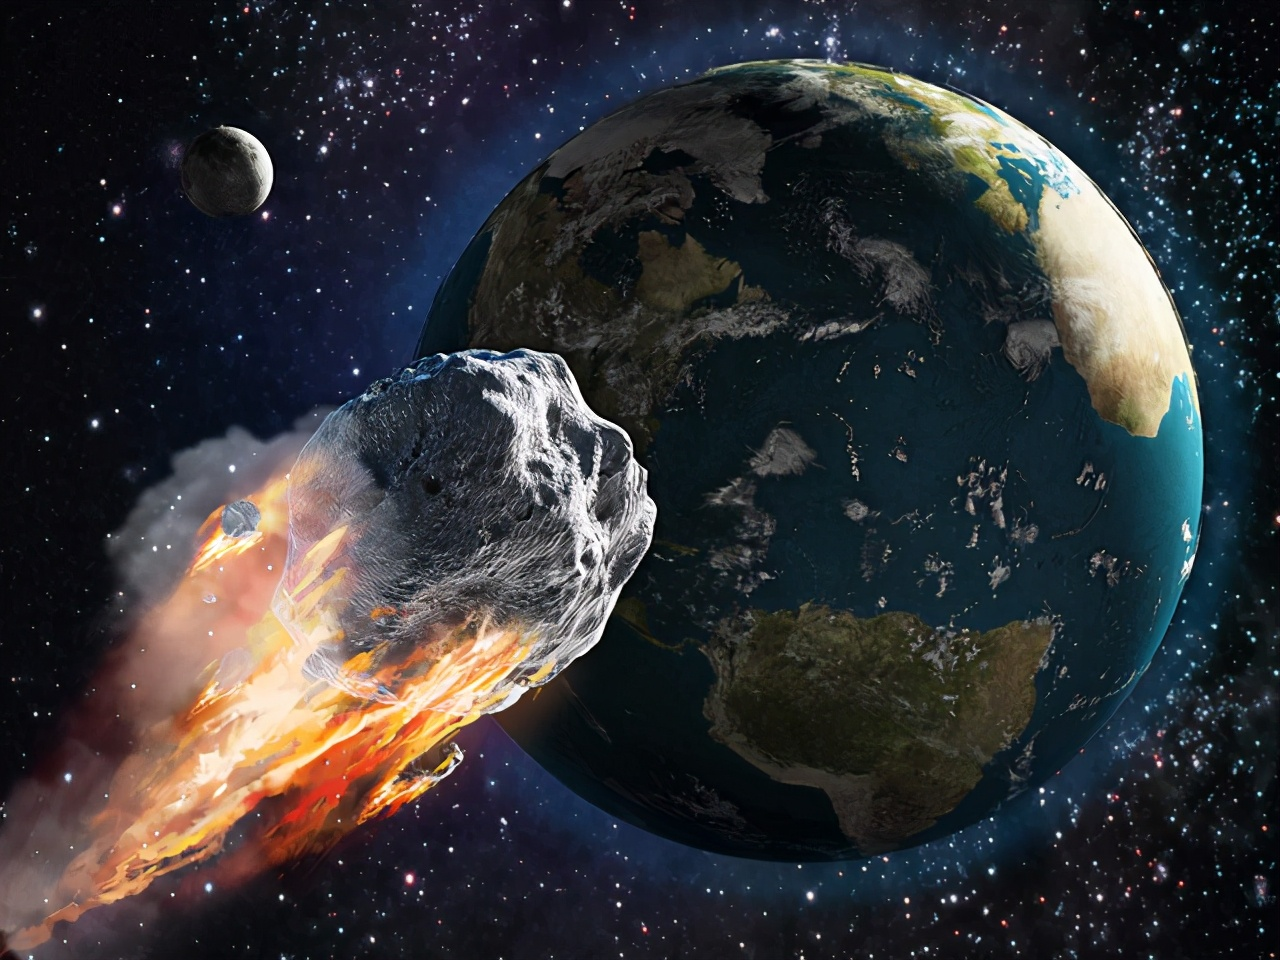 10月14日,毁灭地球小行星将撞击欧洲,NASA表示:毫无办法